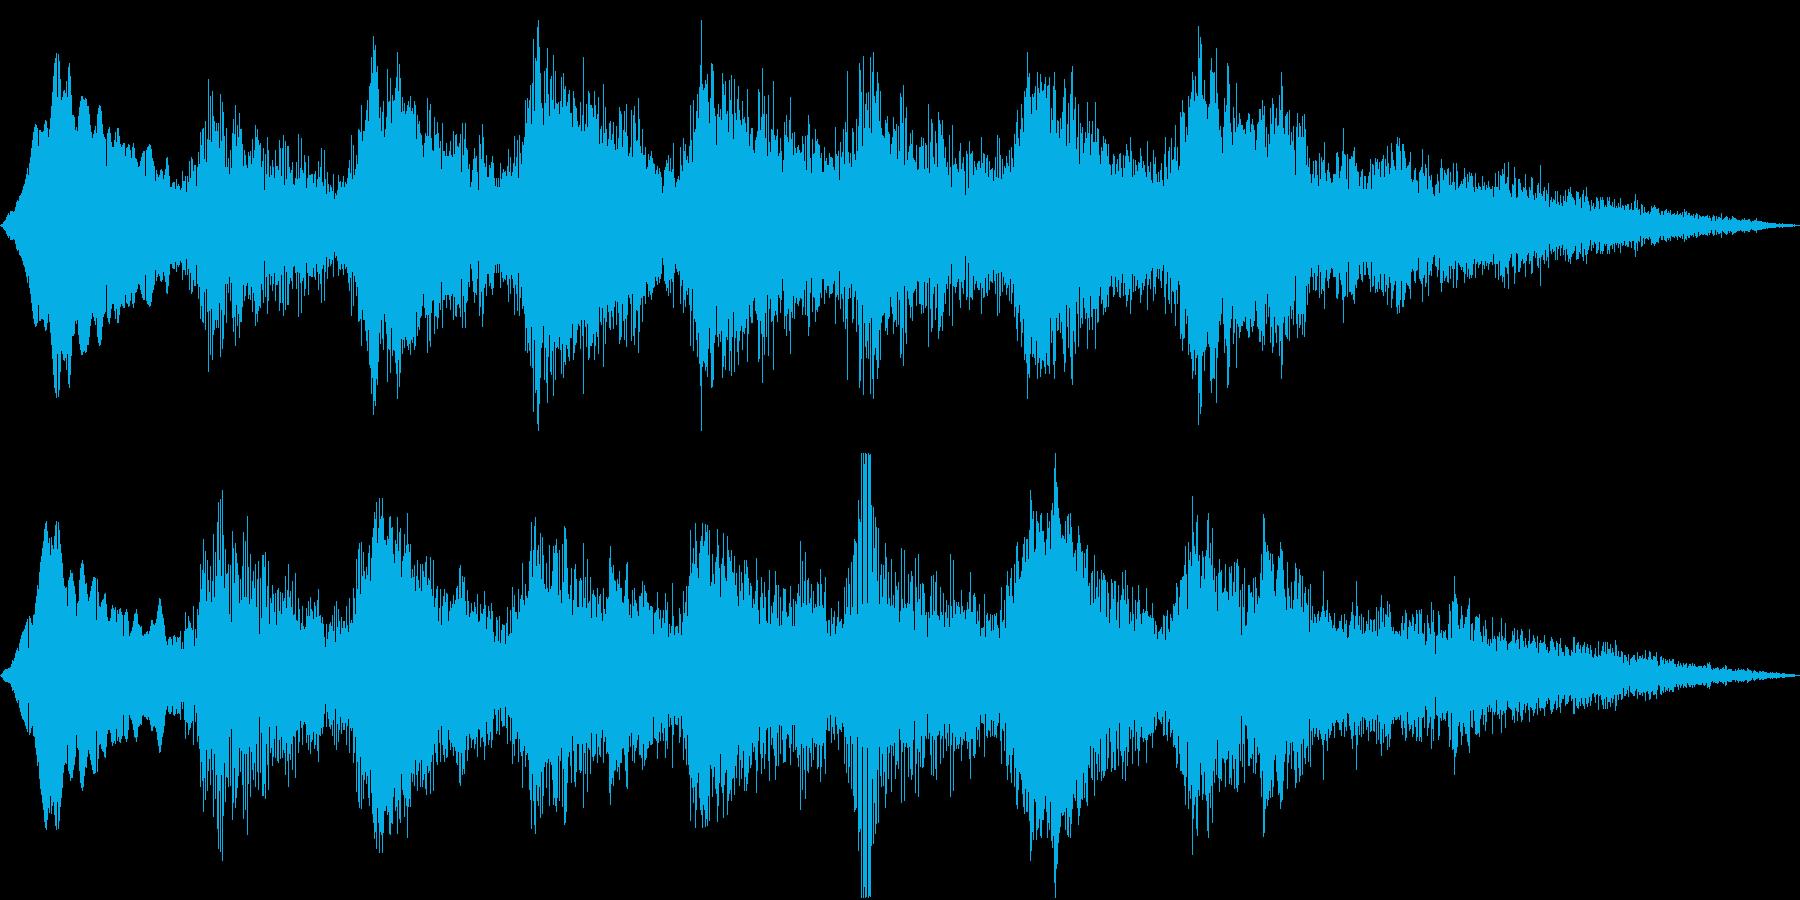 Anime 妖気を感じるPAD アヤカシの再生済みの波形